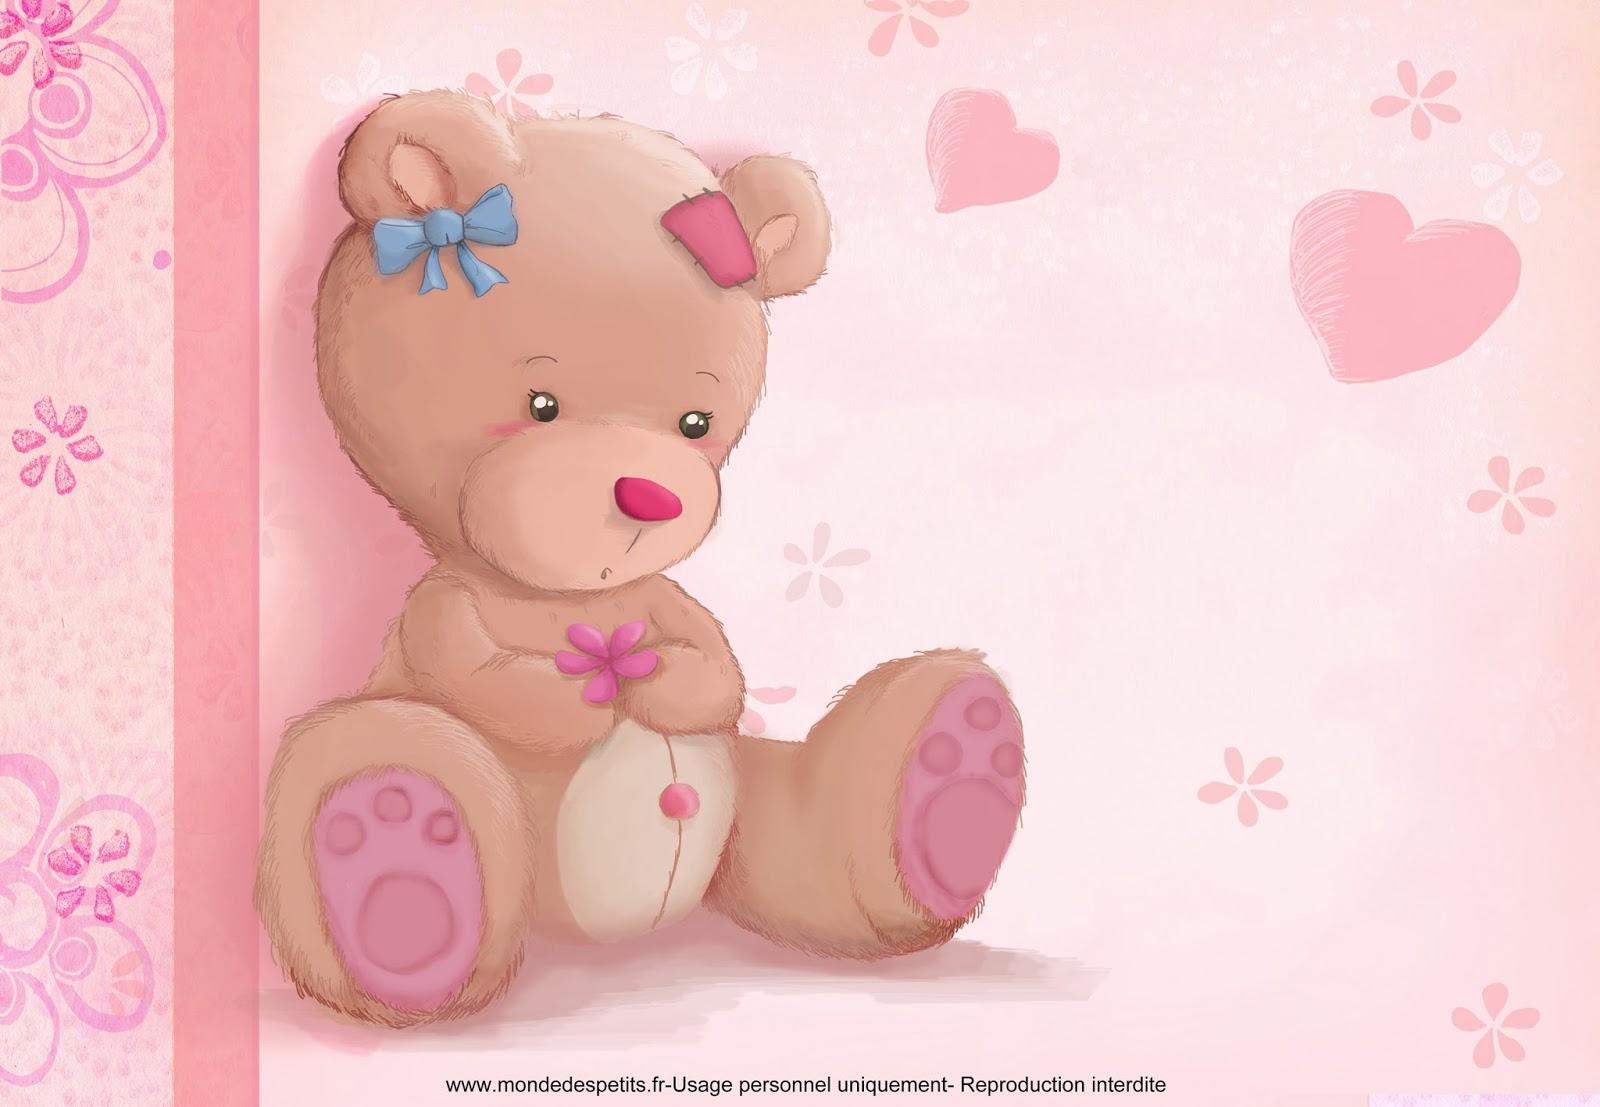 Fondos Tiernos Para Fotos De Bebés